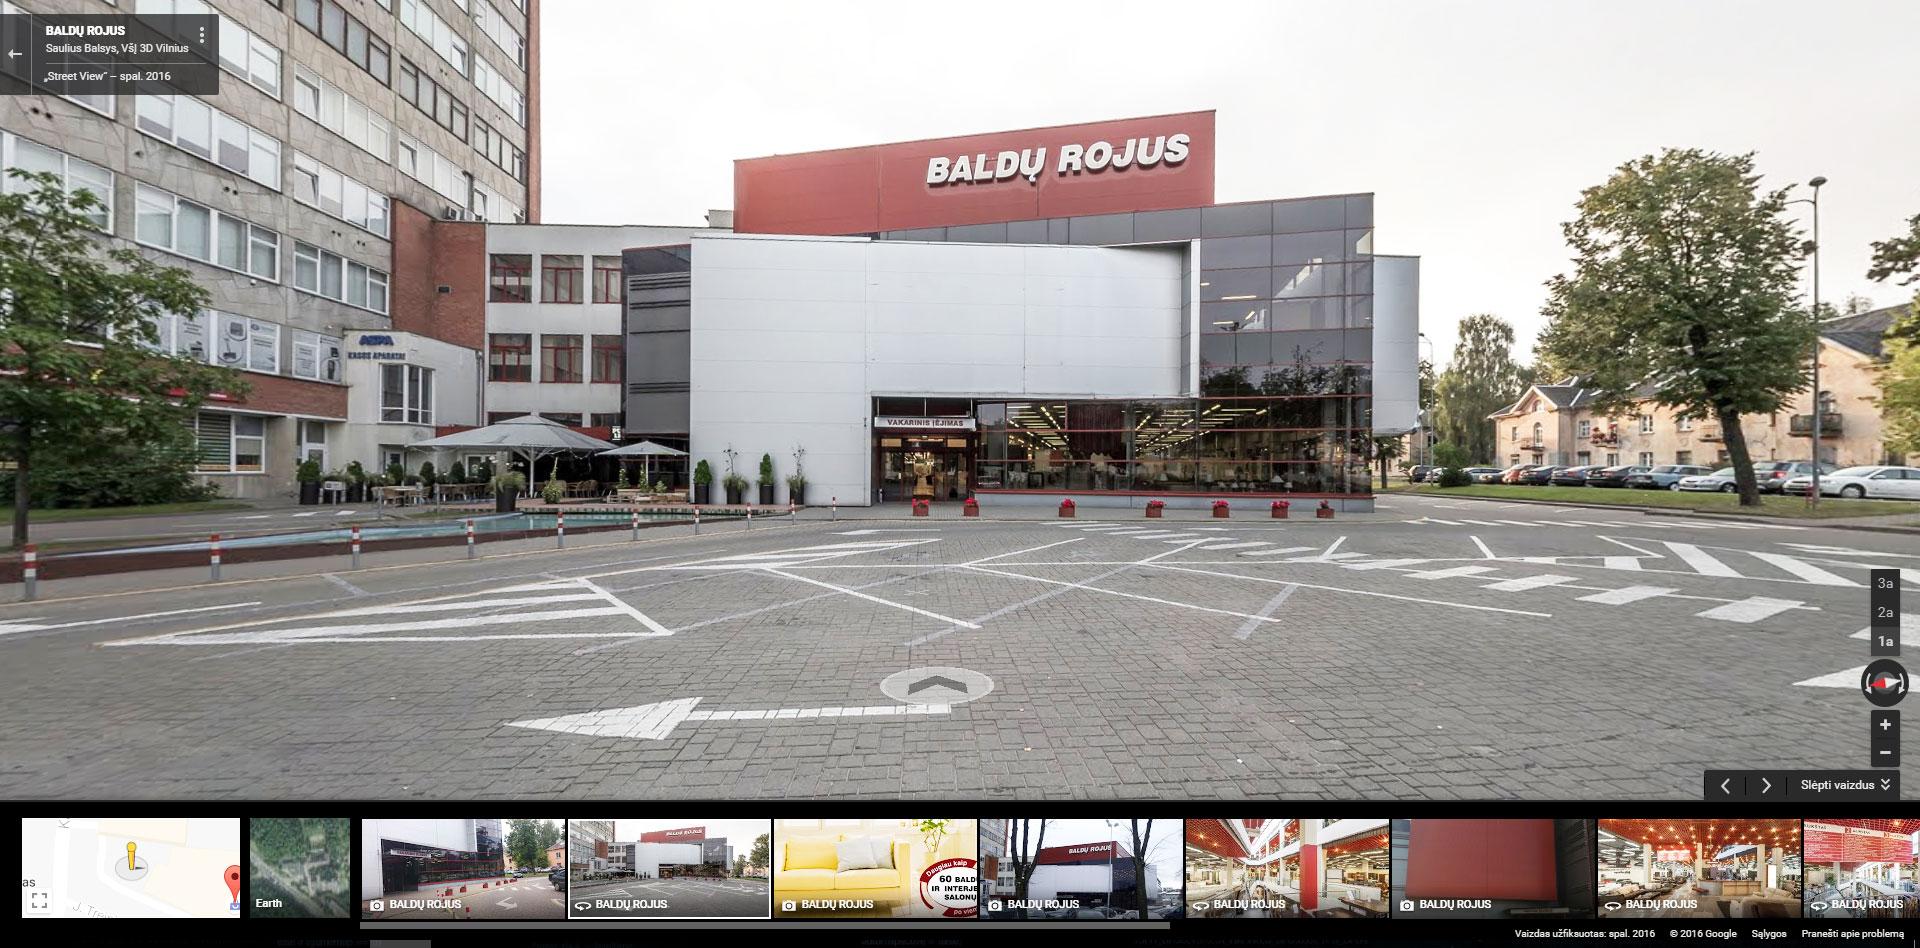 google-verslo-panorama-street-view-parduotuveje-baldu-rojus-kiemas